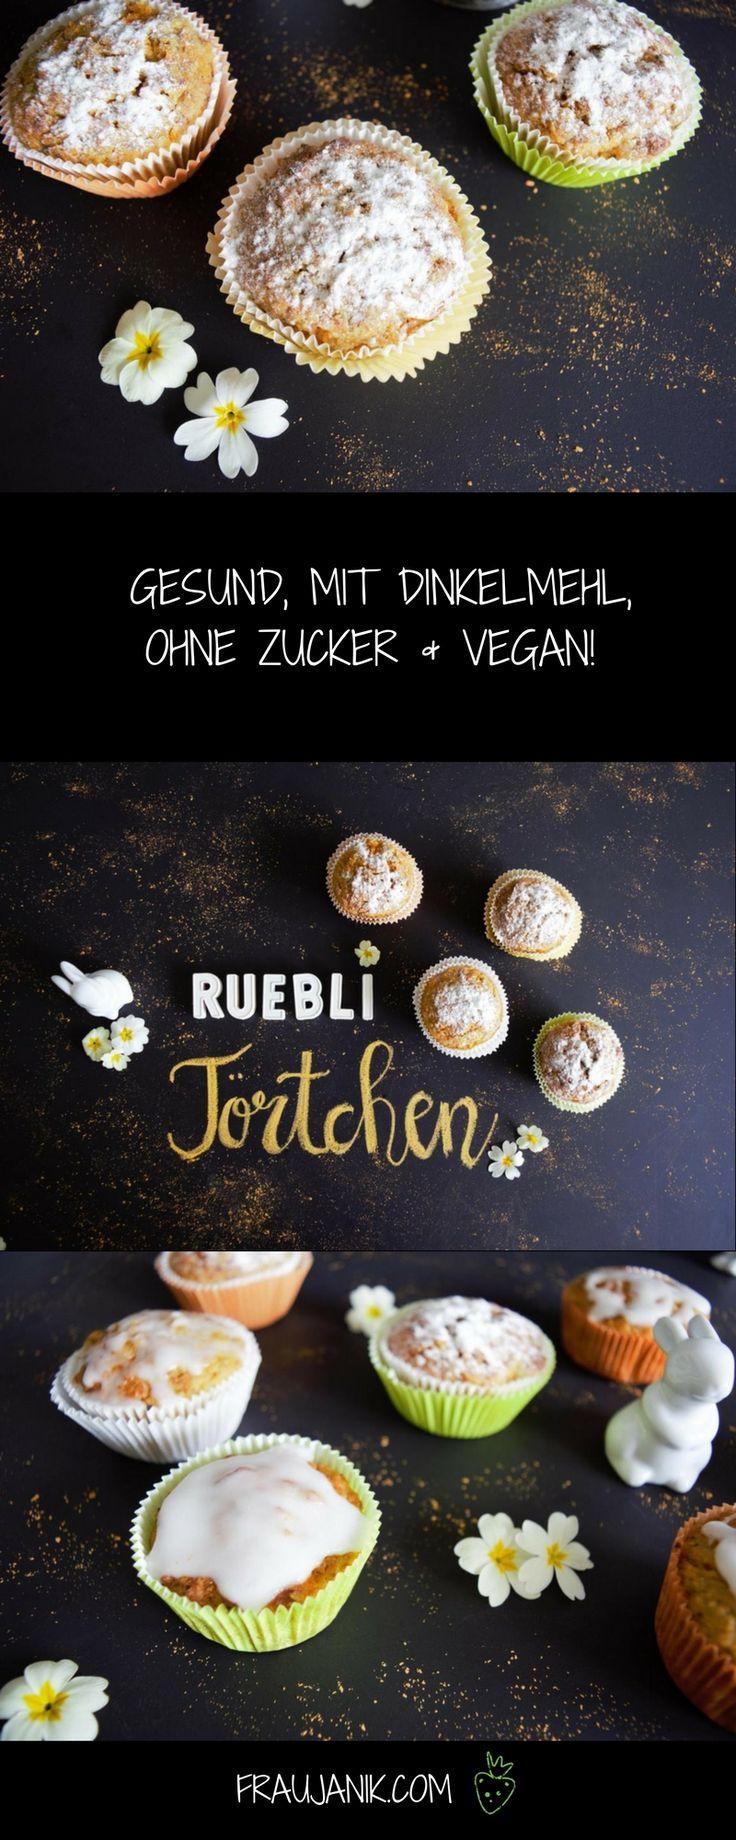 Rueblitörtchen/ Karottentörtchen/ Ostermuffins